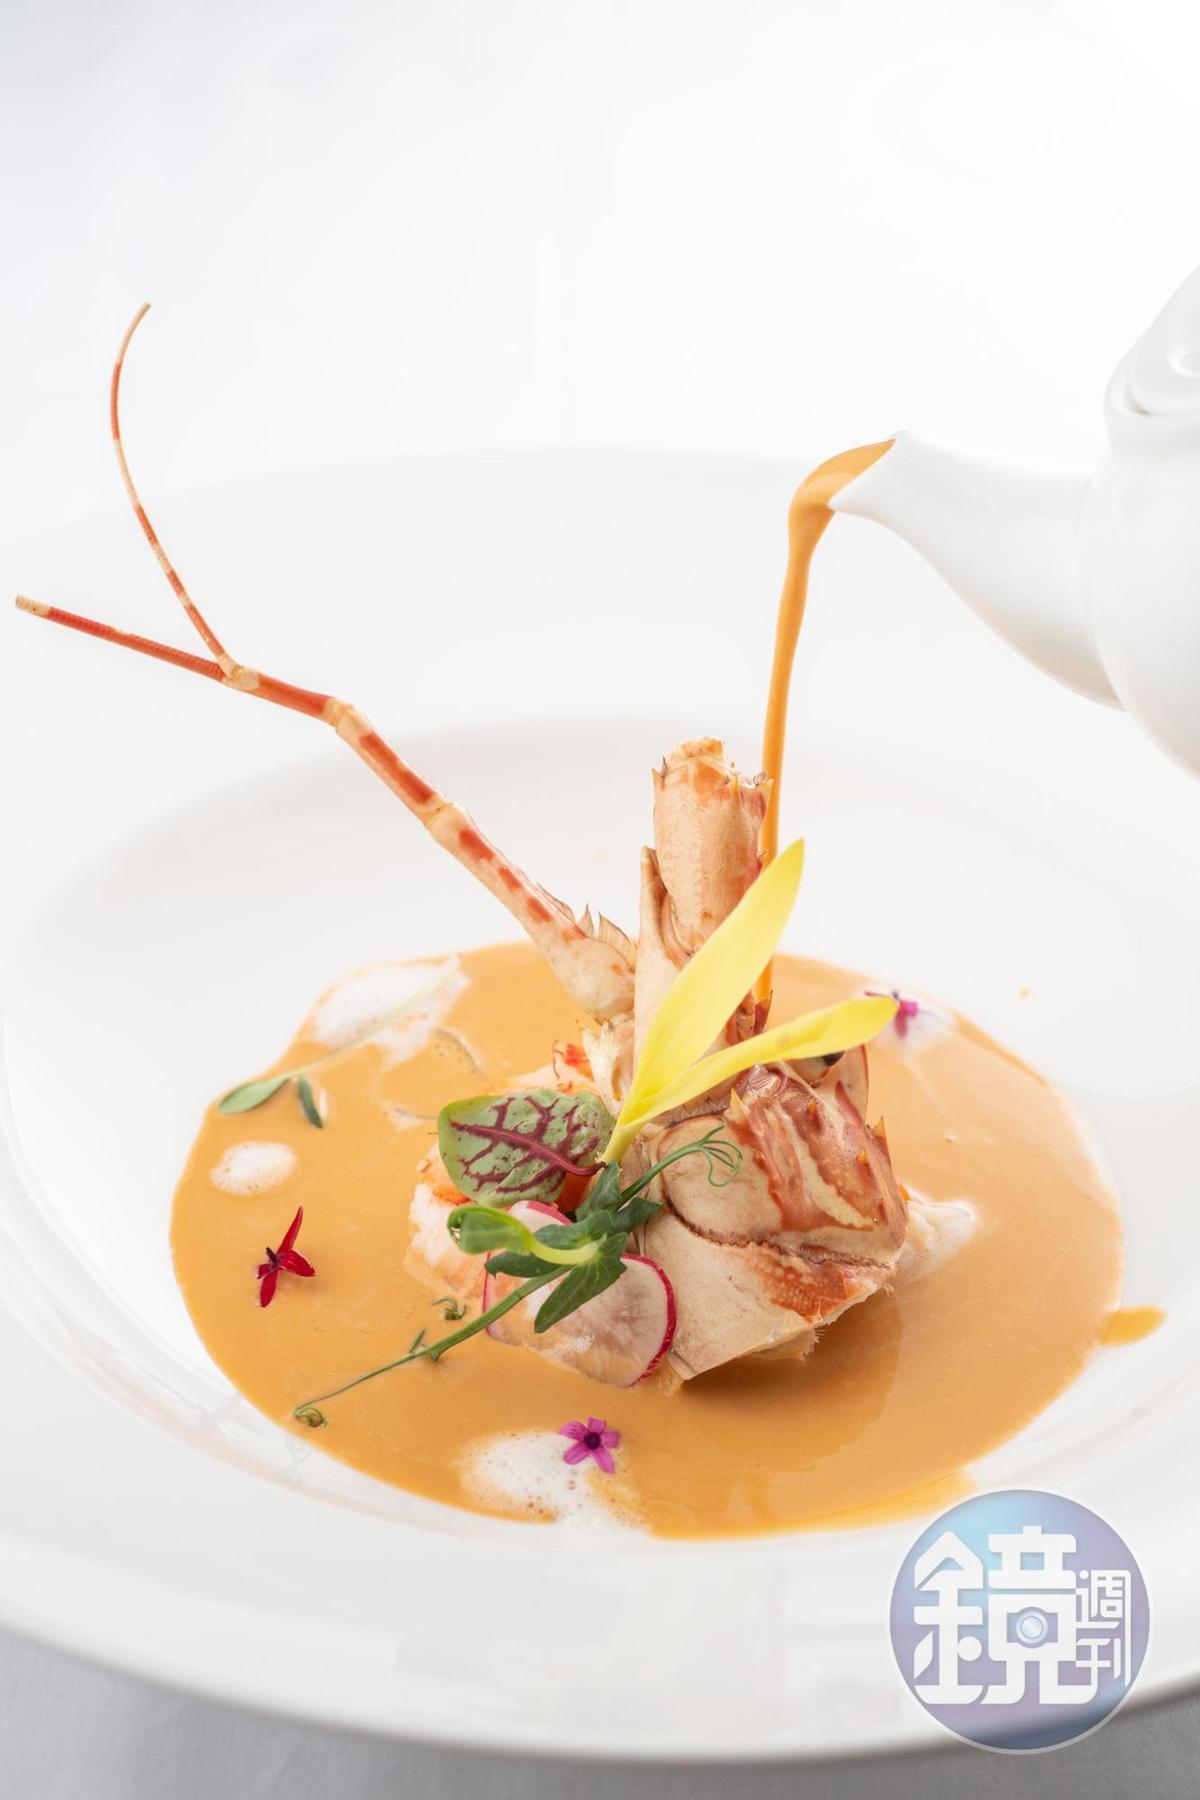 安東廳經典菜色「安東經典龍蝦湯」,尾韻融入香甜的白蘭地酒香。(780元/份)